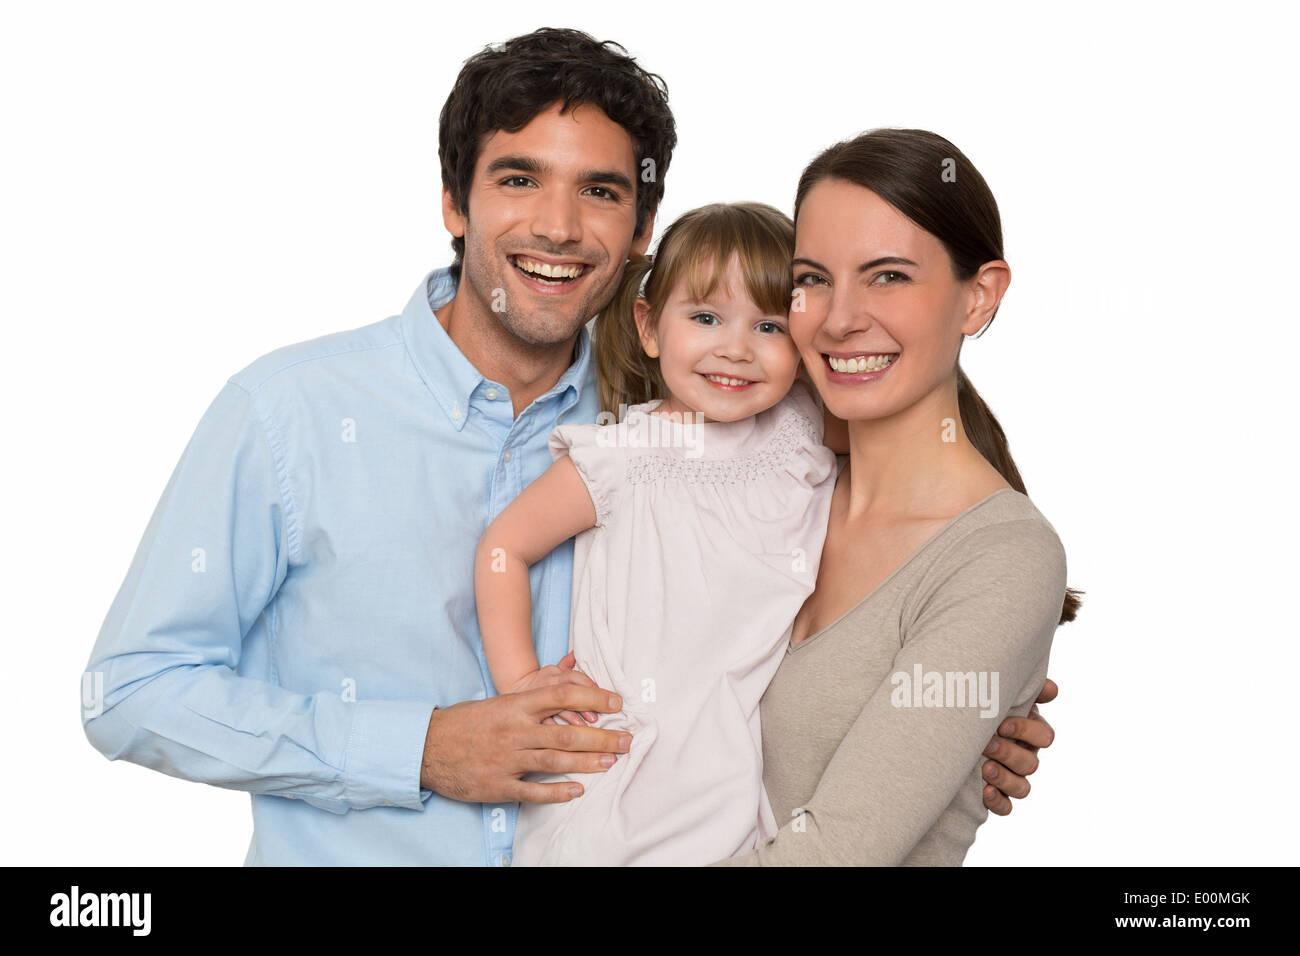 Fröhliche Vater Mutter kleines Mädchen studio Stockbild